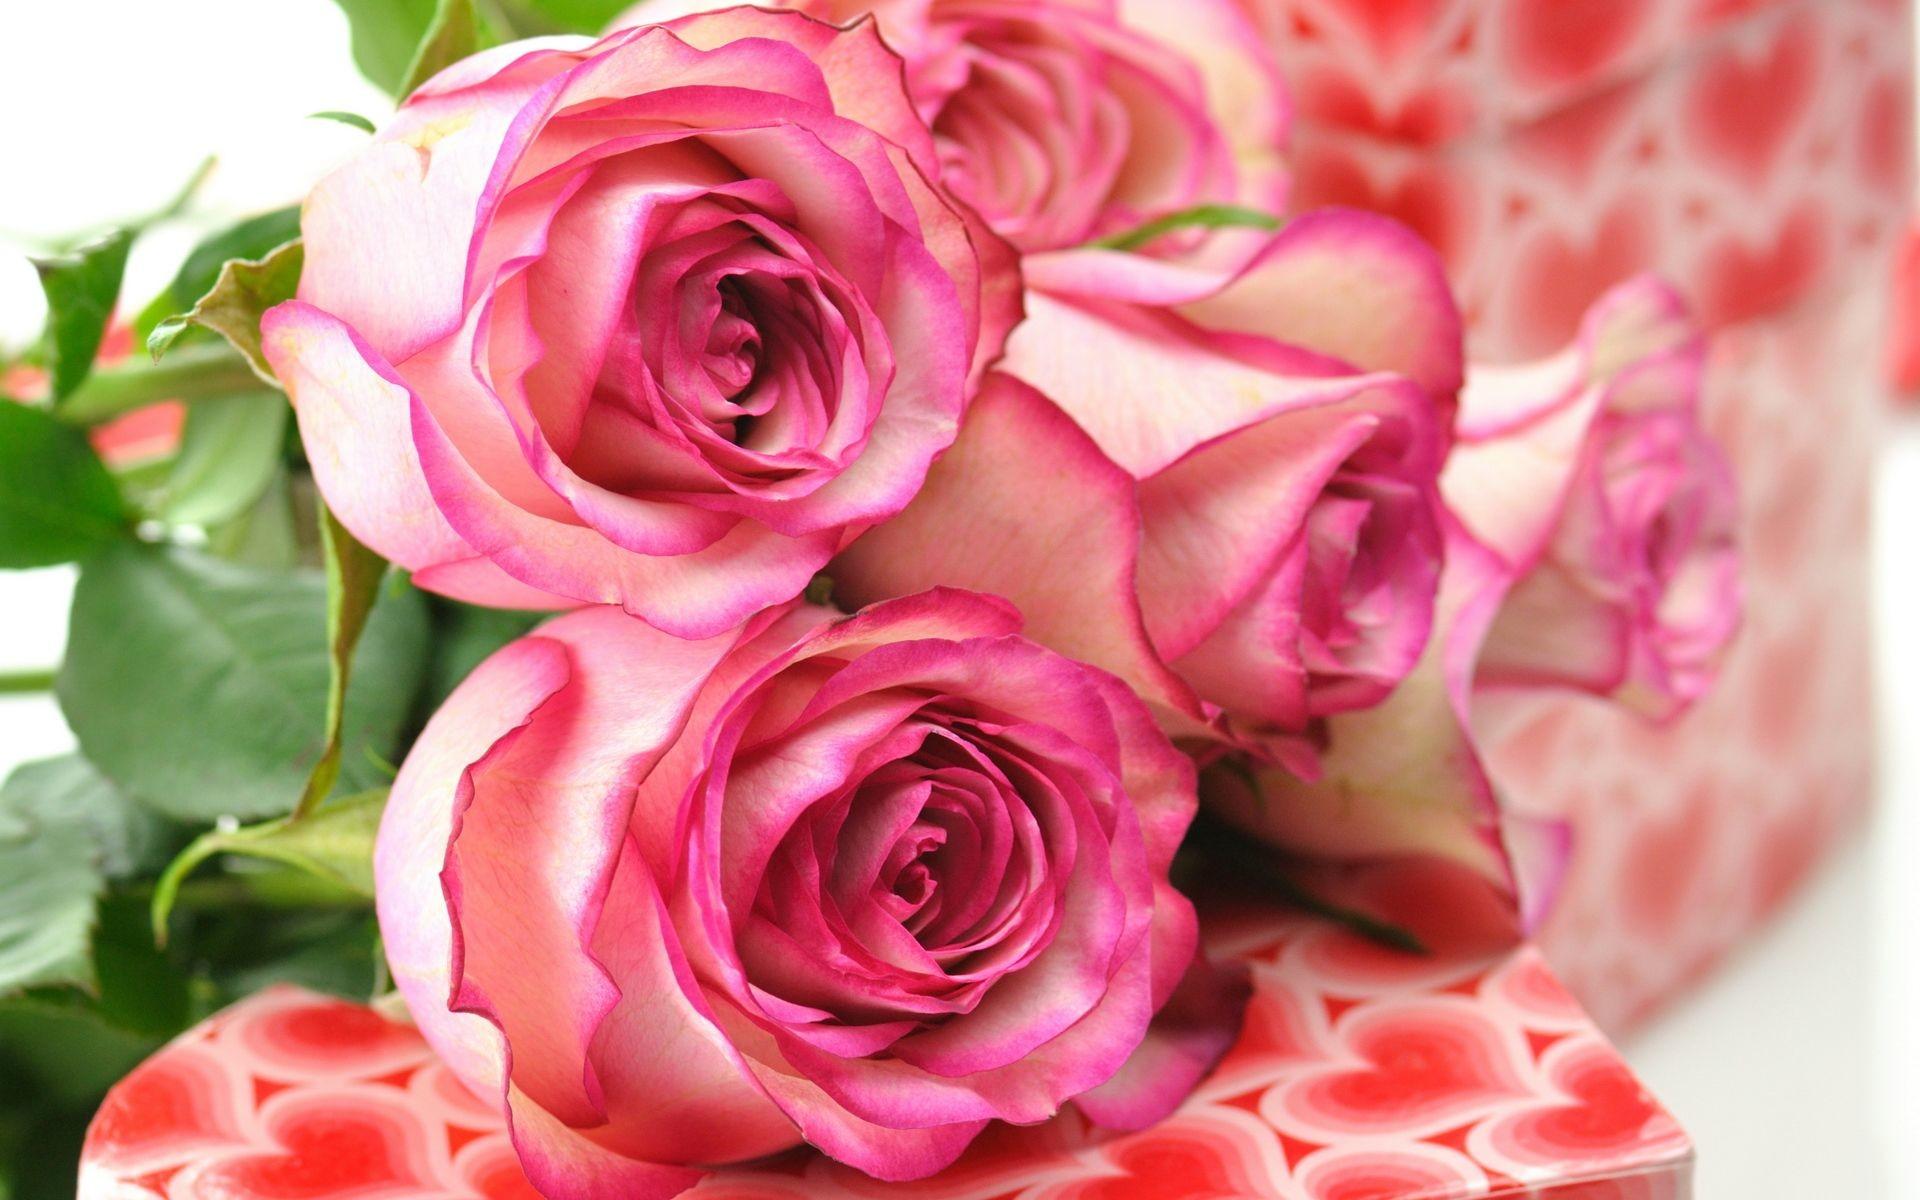 1920x1200 Beautiful Pink Roses Wallpaper Download 2880x1800